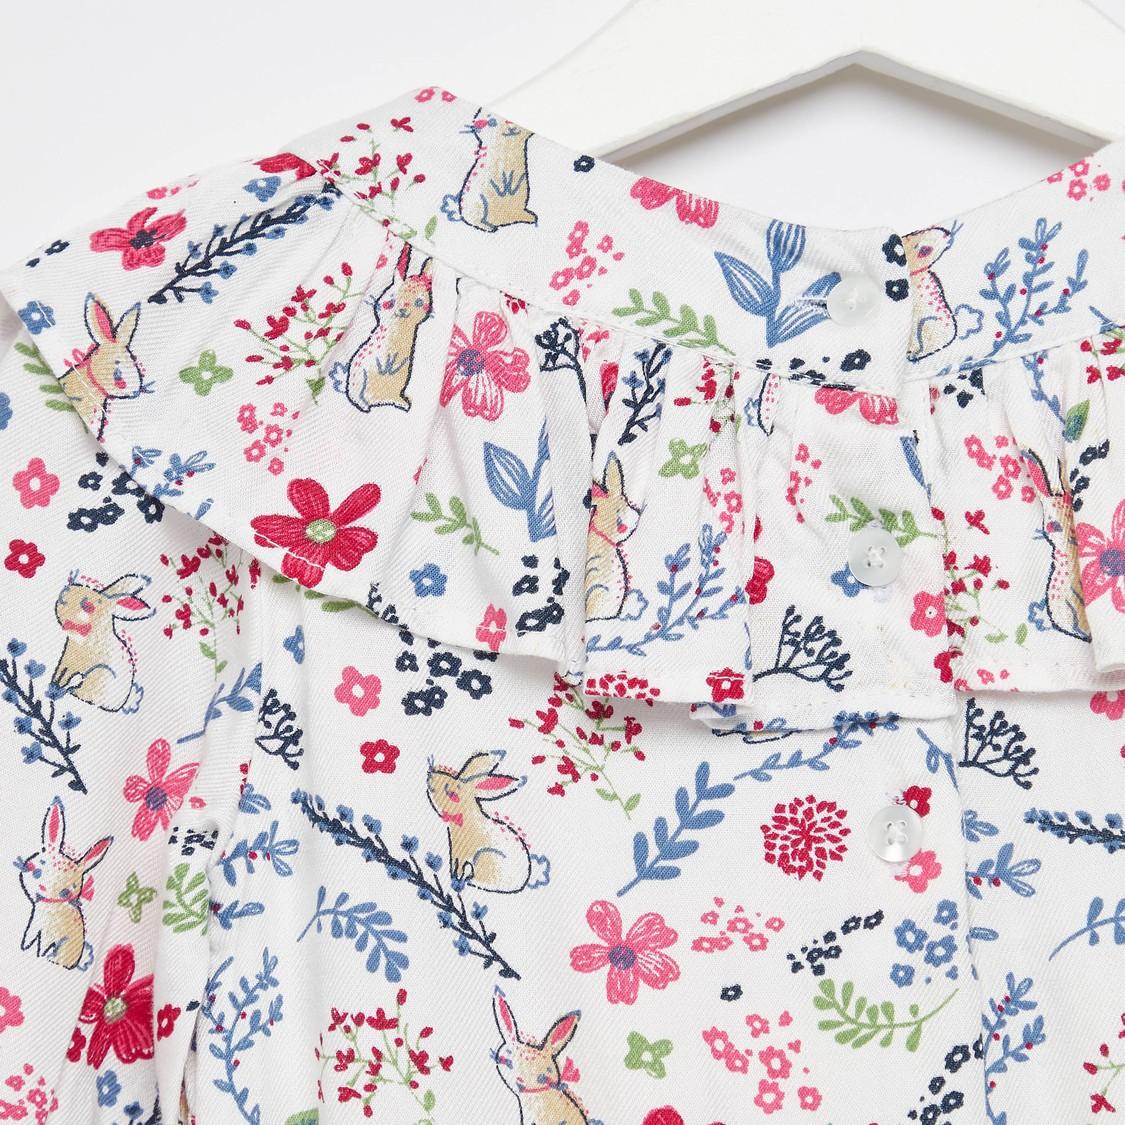 فستان بطول الركبة بأكمام طويلة وتفاصيل كشكش و طبعات أزهار